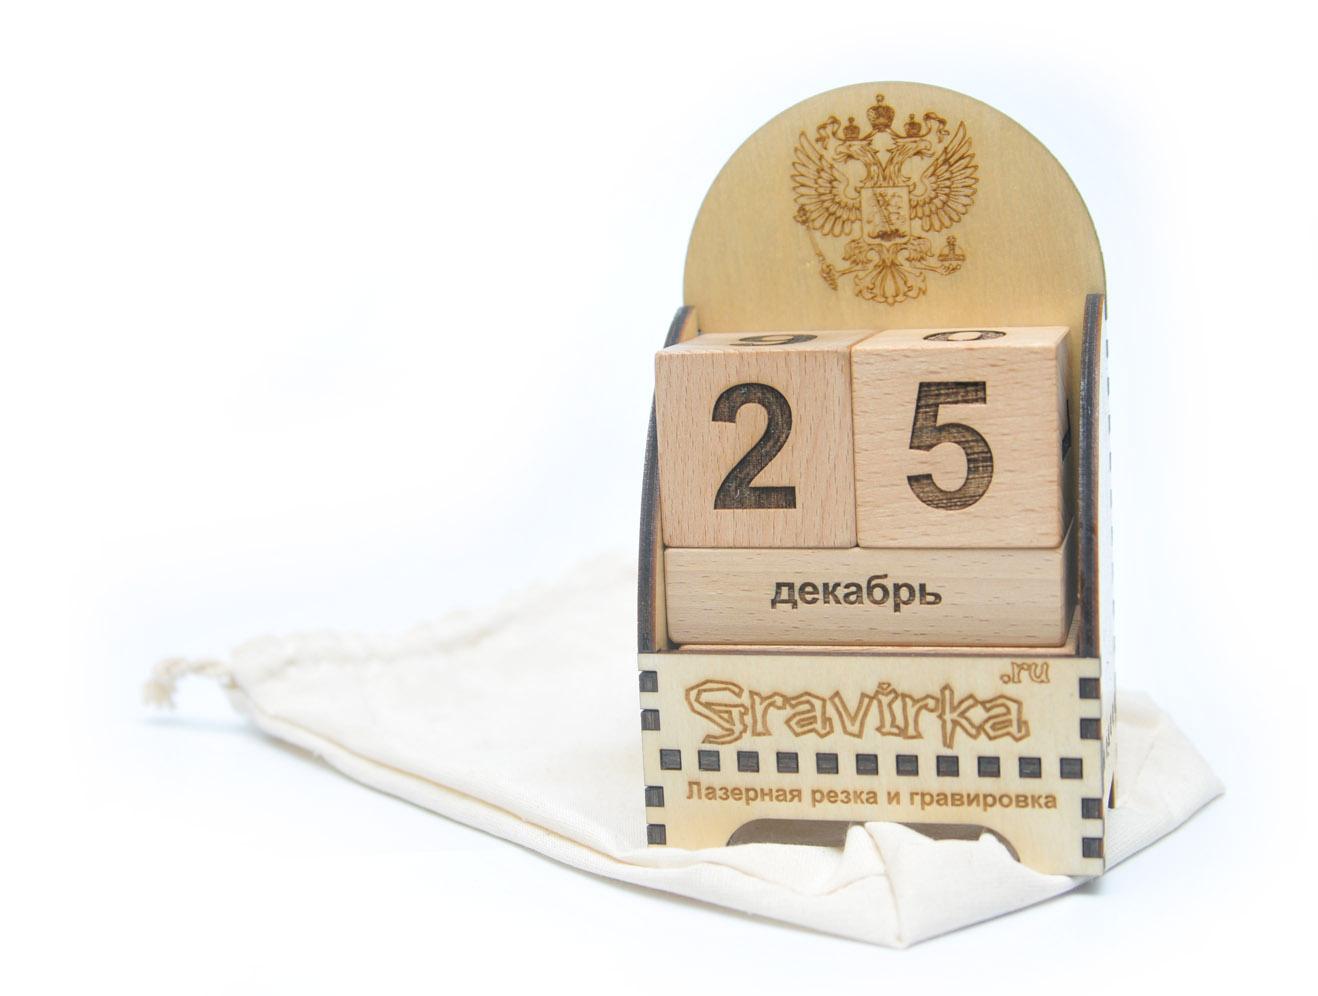 Кубики-трансформеры, изготовление сувенирной продукции 60